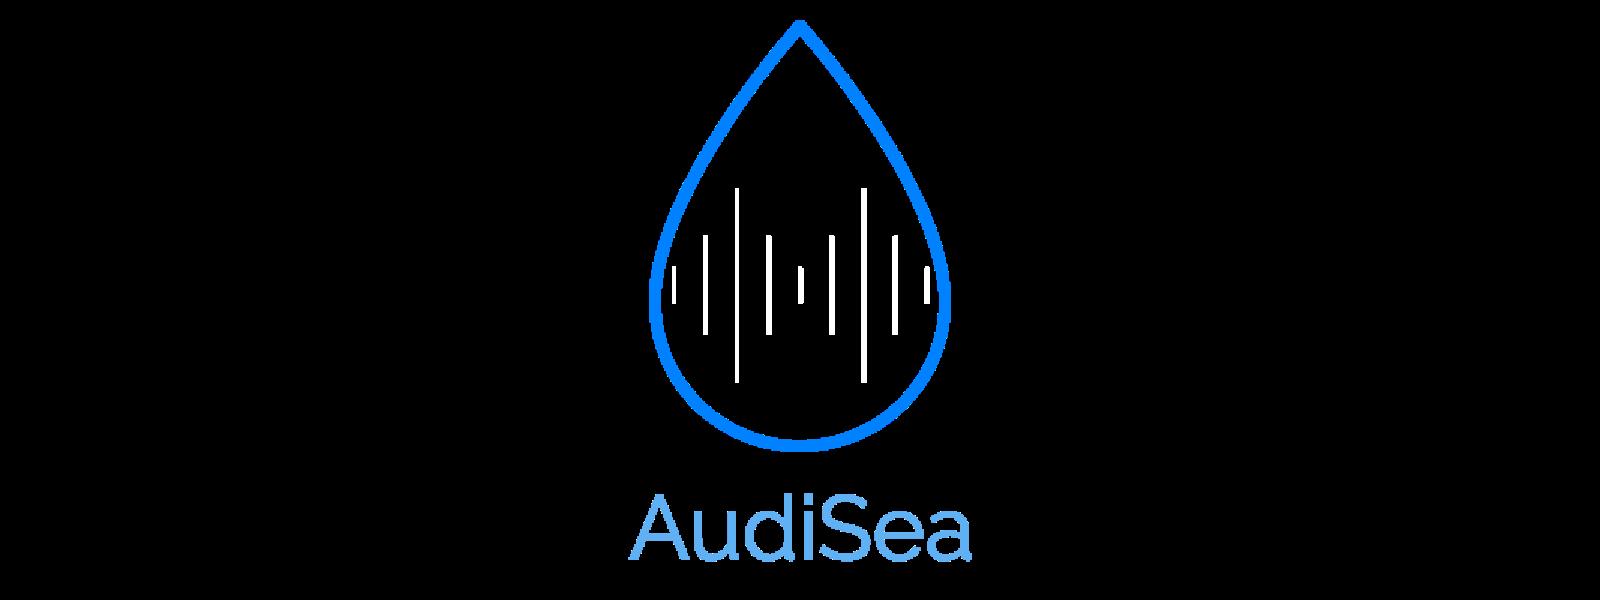 AudiSea